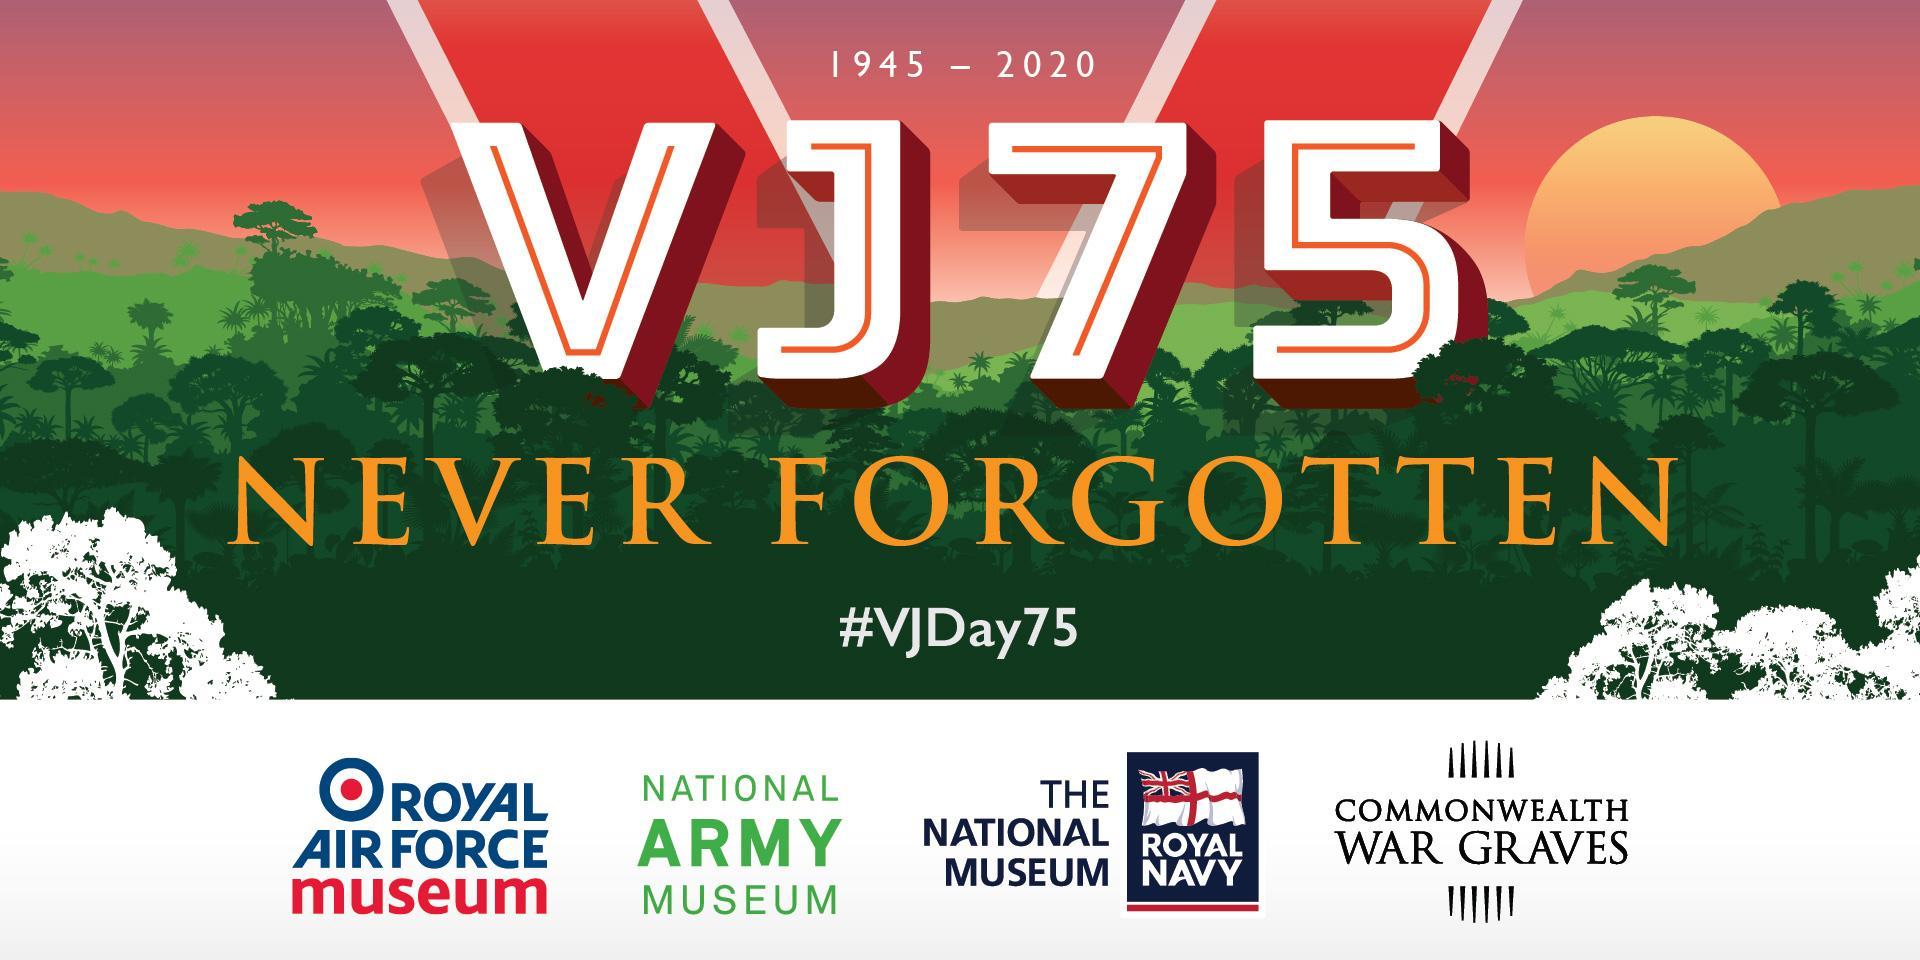 VJ75: Never Forgotten